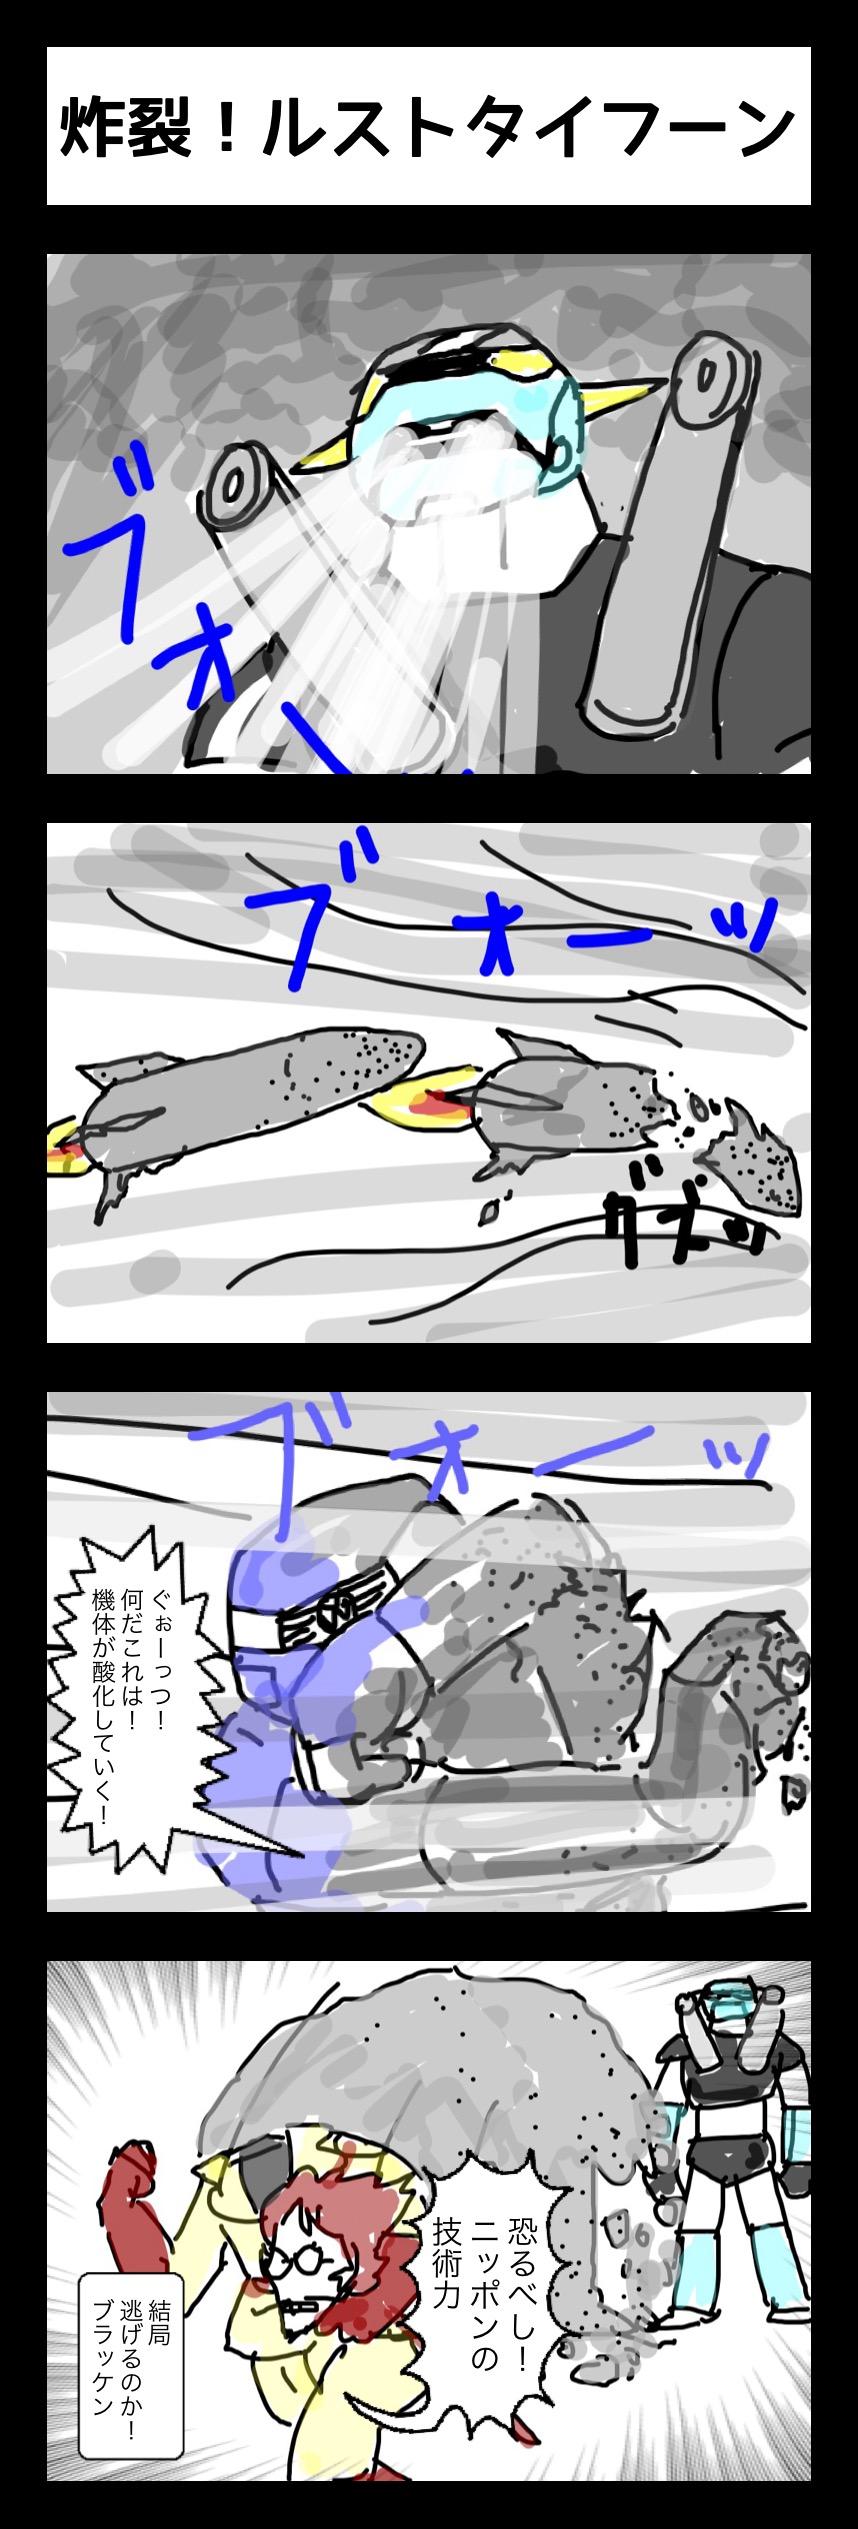 連載4コマ漫画「アトランダーV」 第40話